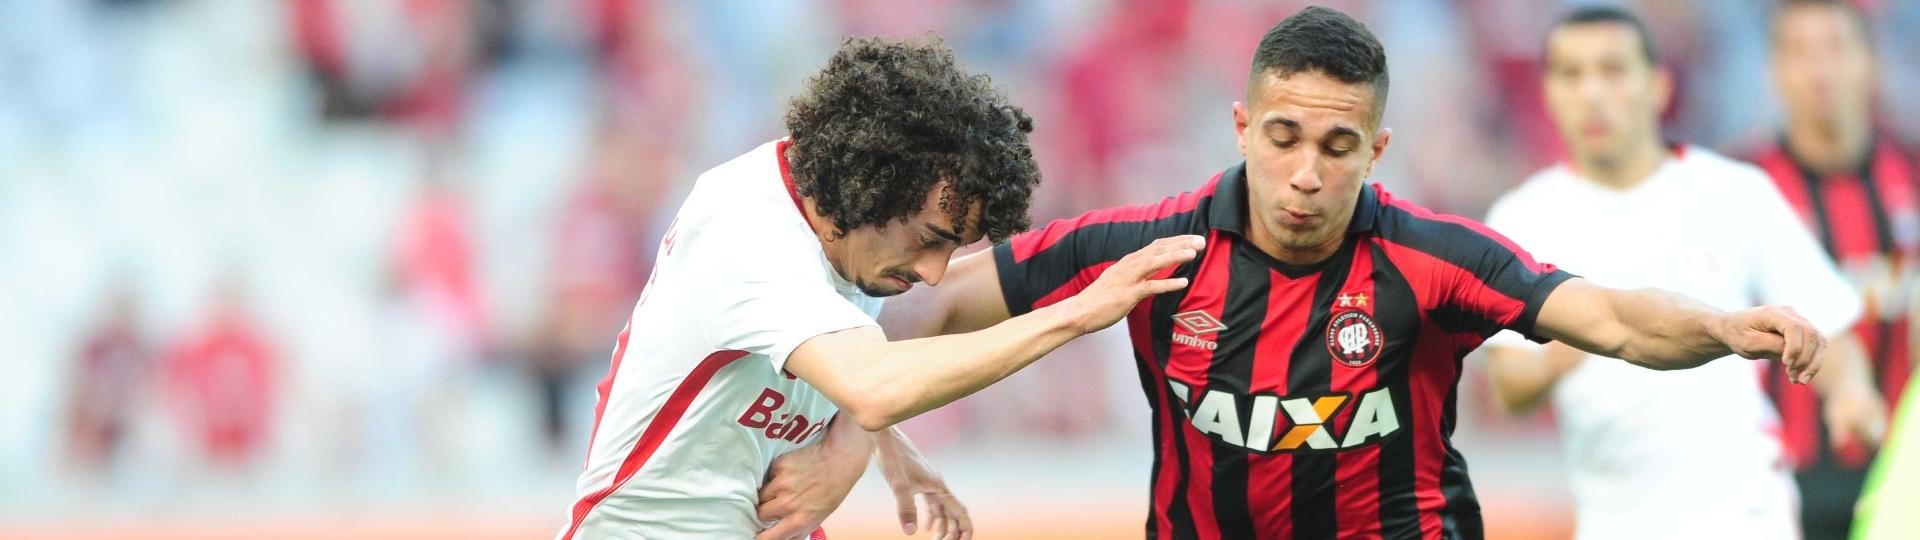 Valdivia disputa a bola com jogador do Atlético-PR em jogo na Arena da Baixada pelo Brasileirão